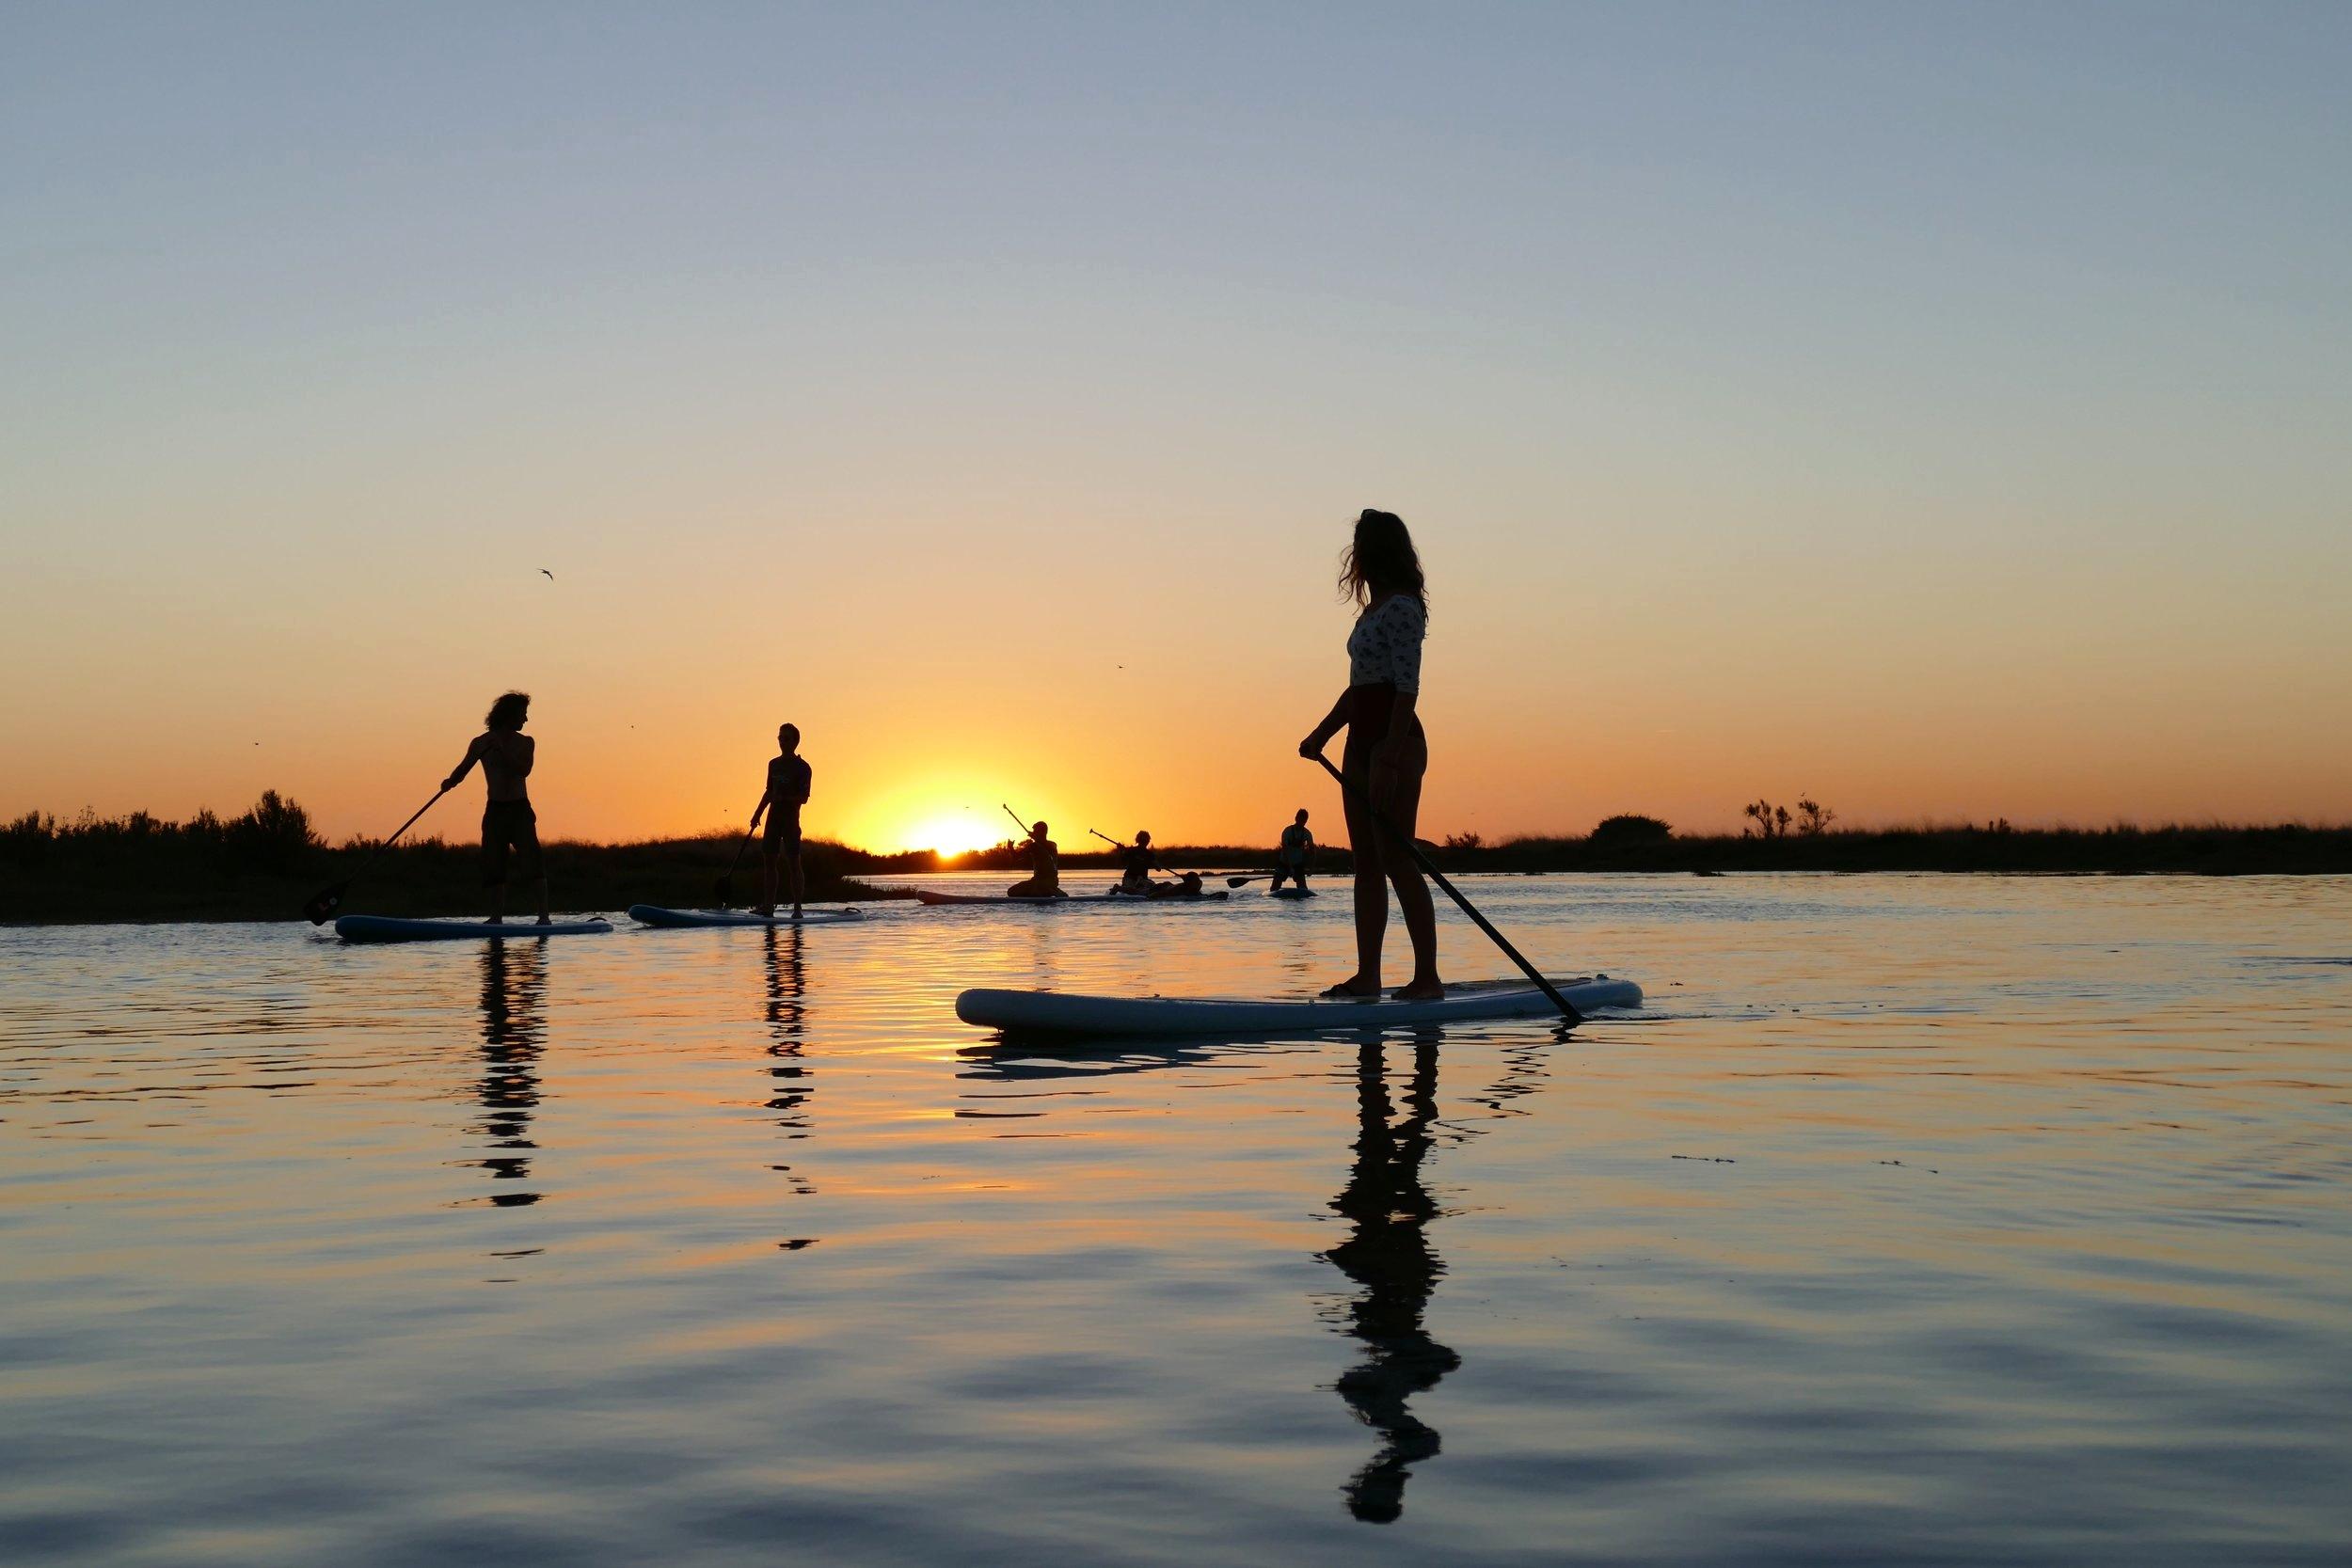 SUP Rando au coucher du soleil sur l'Ile de Ré avec Papaï Paddle